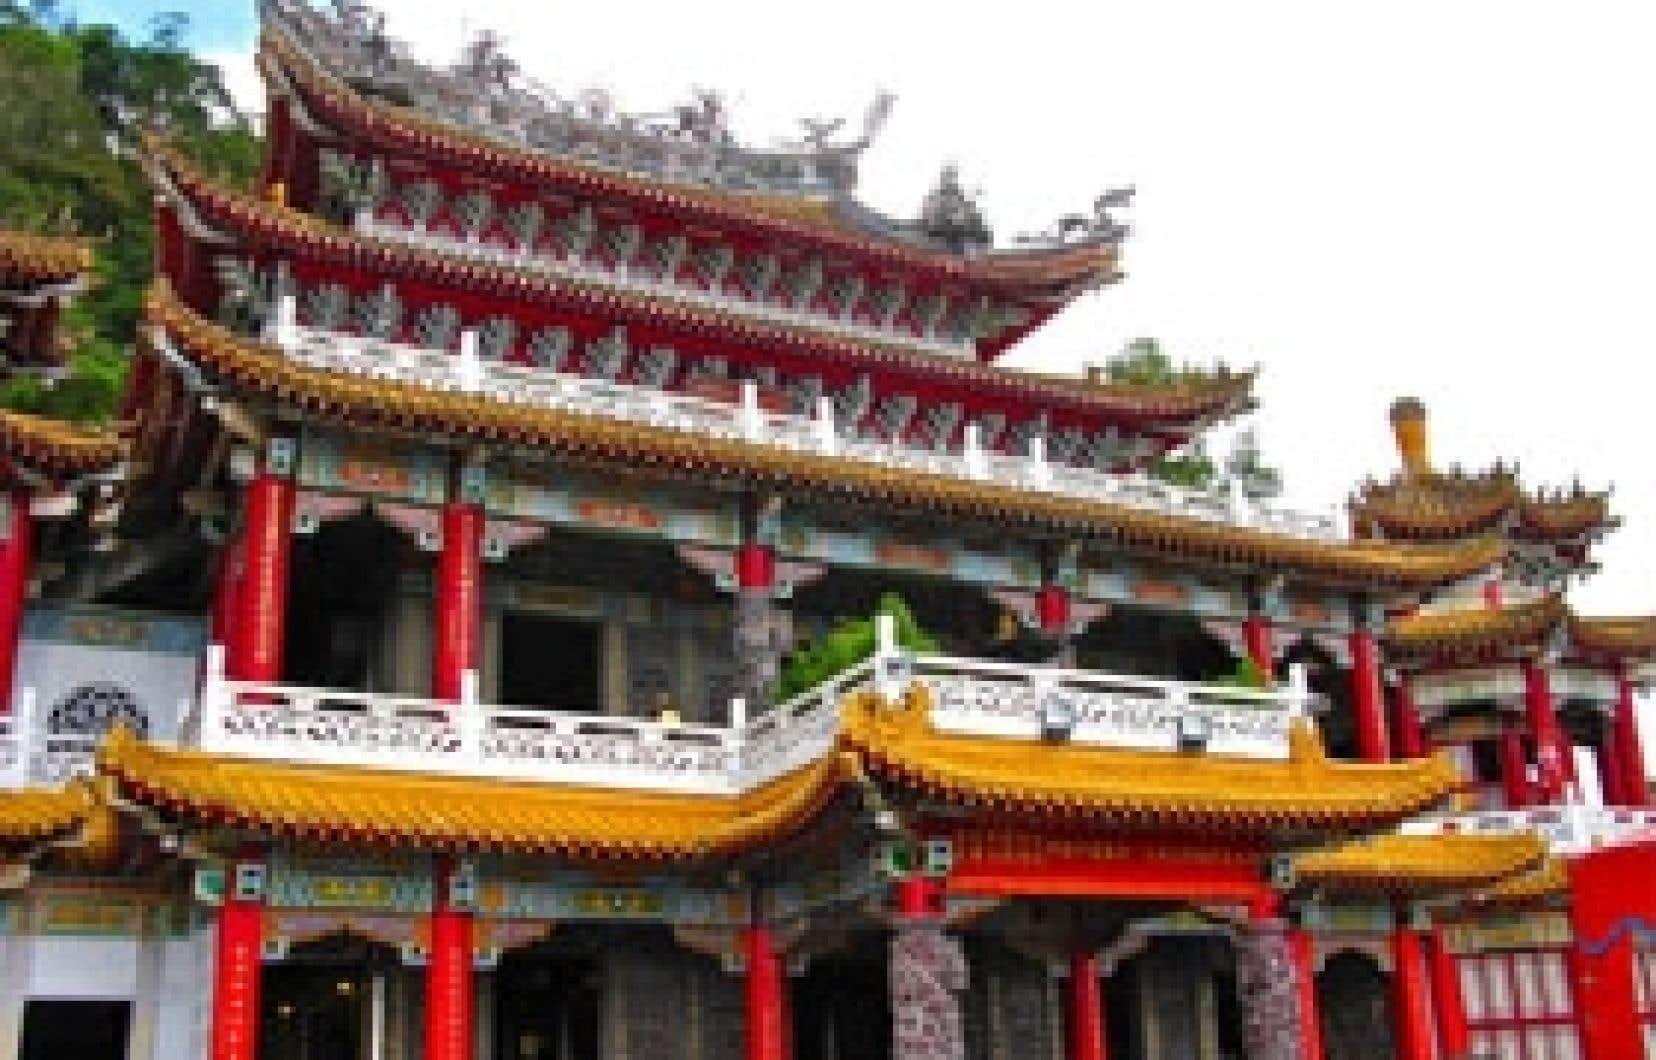 Le temple de Jhihnan, à Mujha, dans la vallée de Maokong, à 45 minutes en métro du centre-ville de Taipei. Photo: Hélène Clément